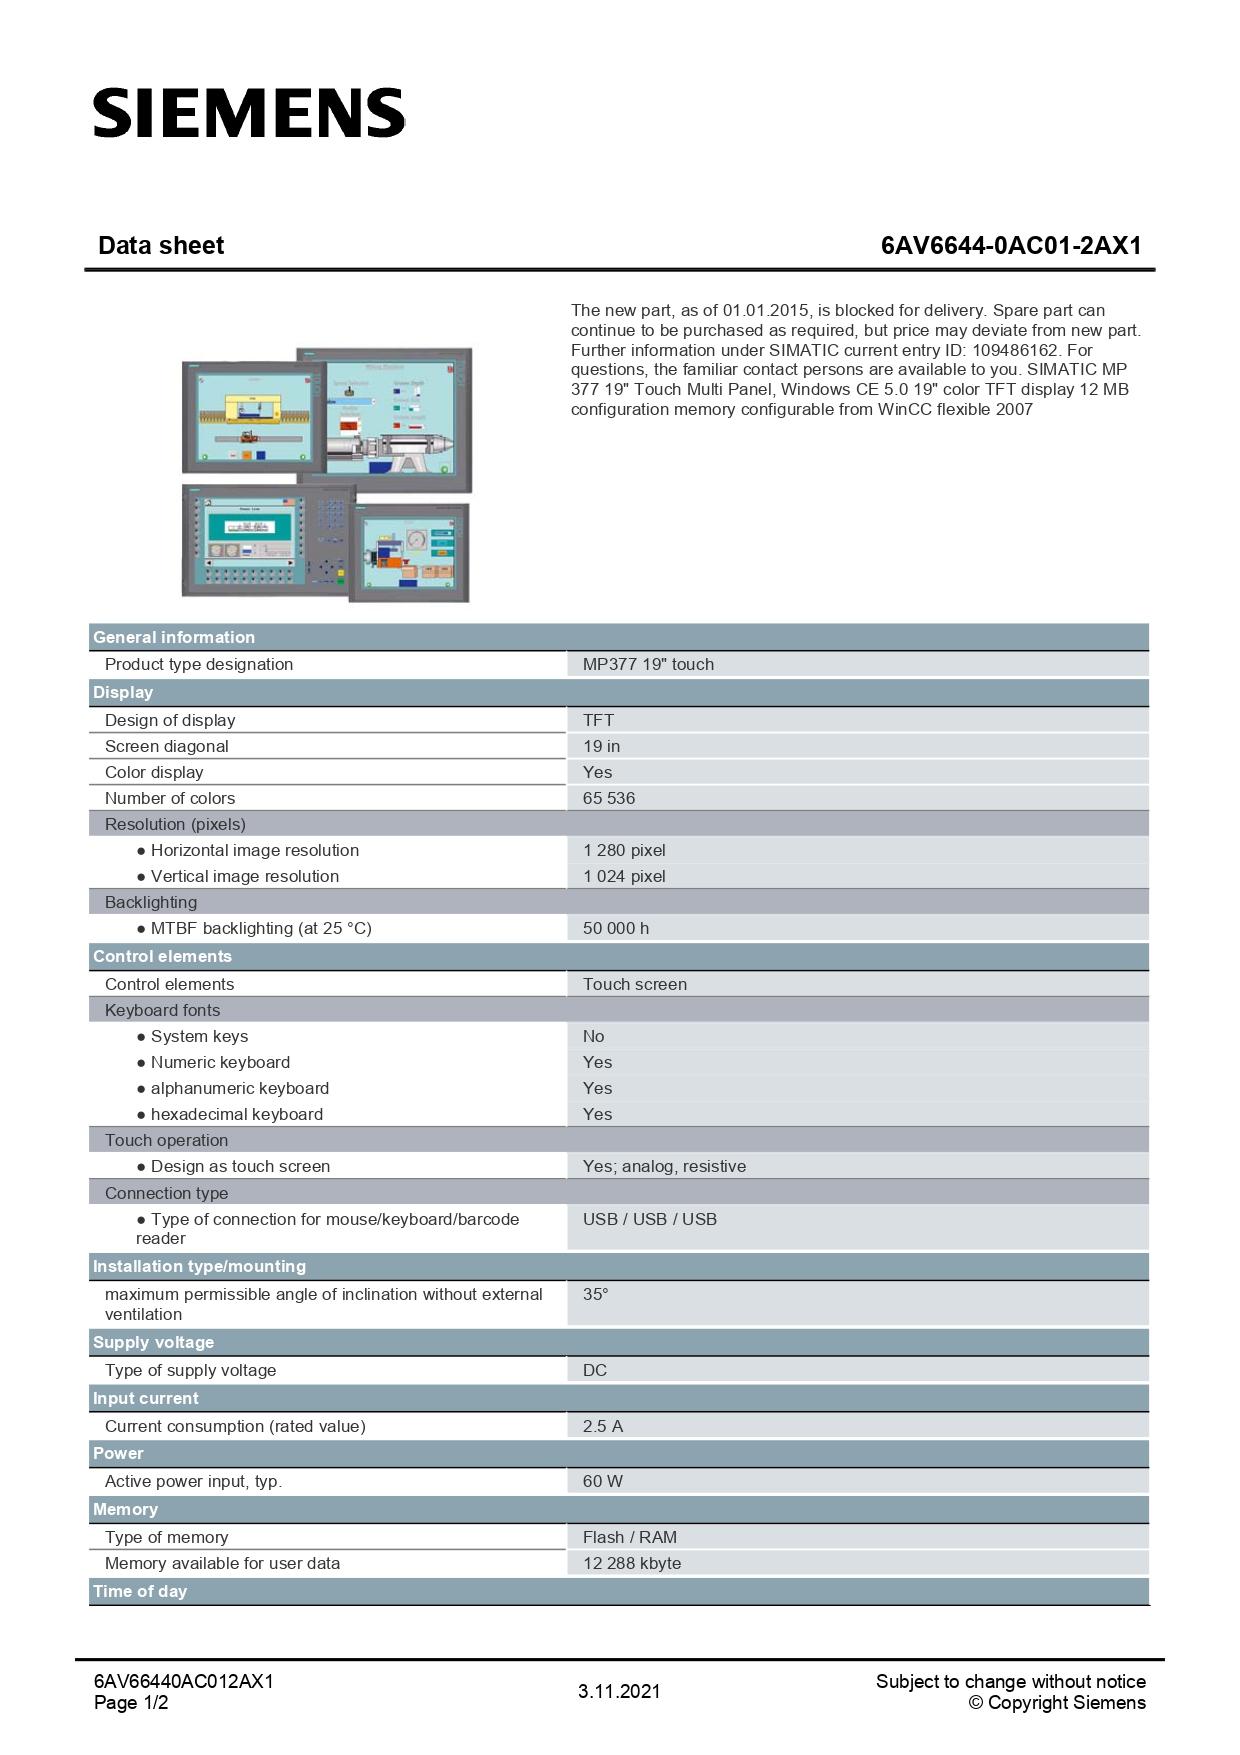 6AV6644-0AC01-2AX1_DATASHEET